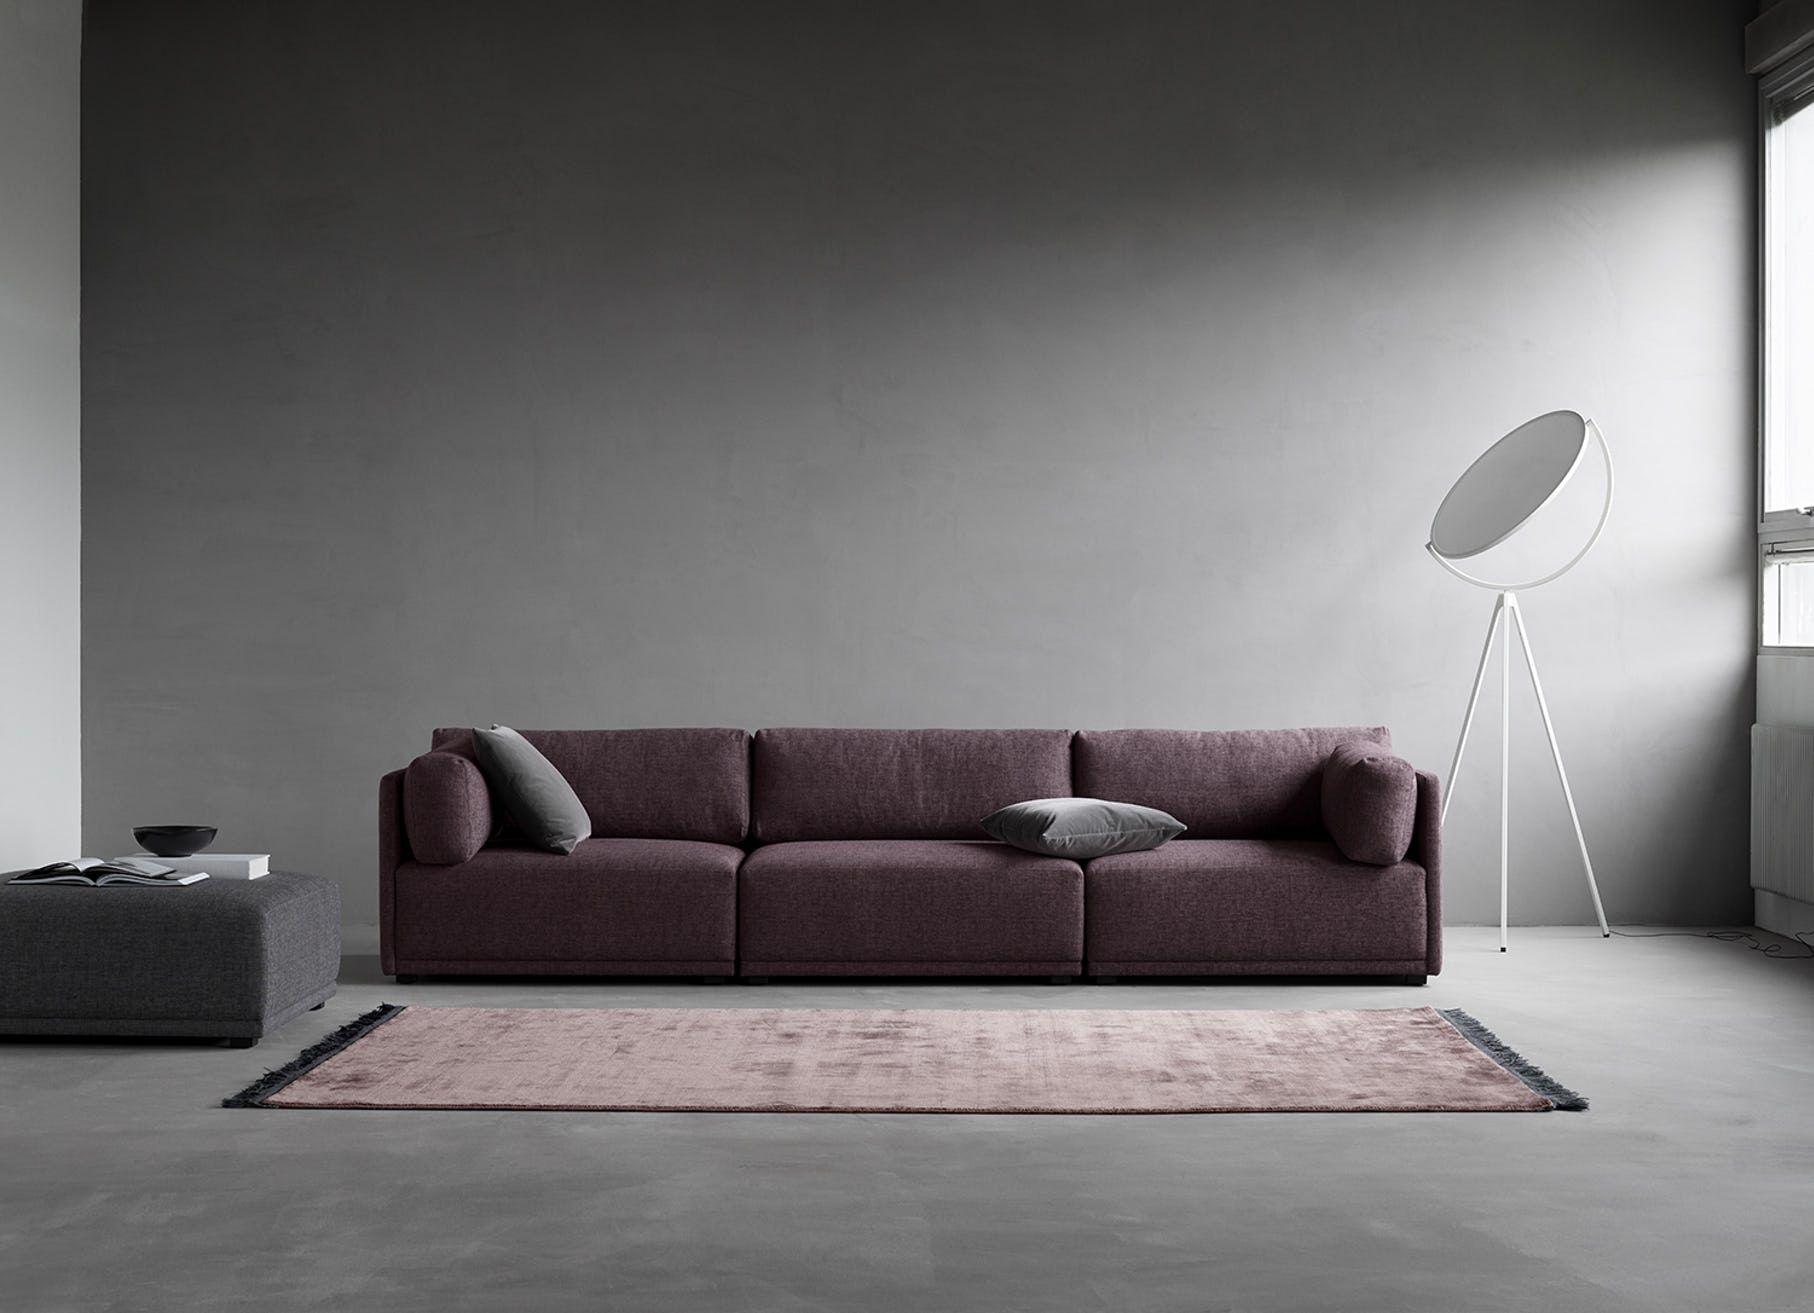 Elementz Sofa By Wendelbo Sofa Scandinavian Furniture Furniture